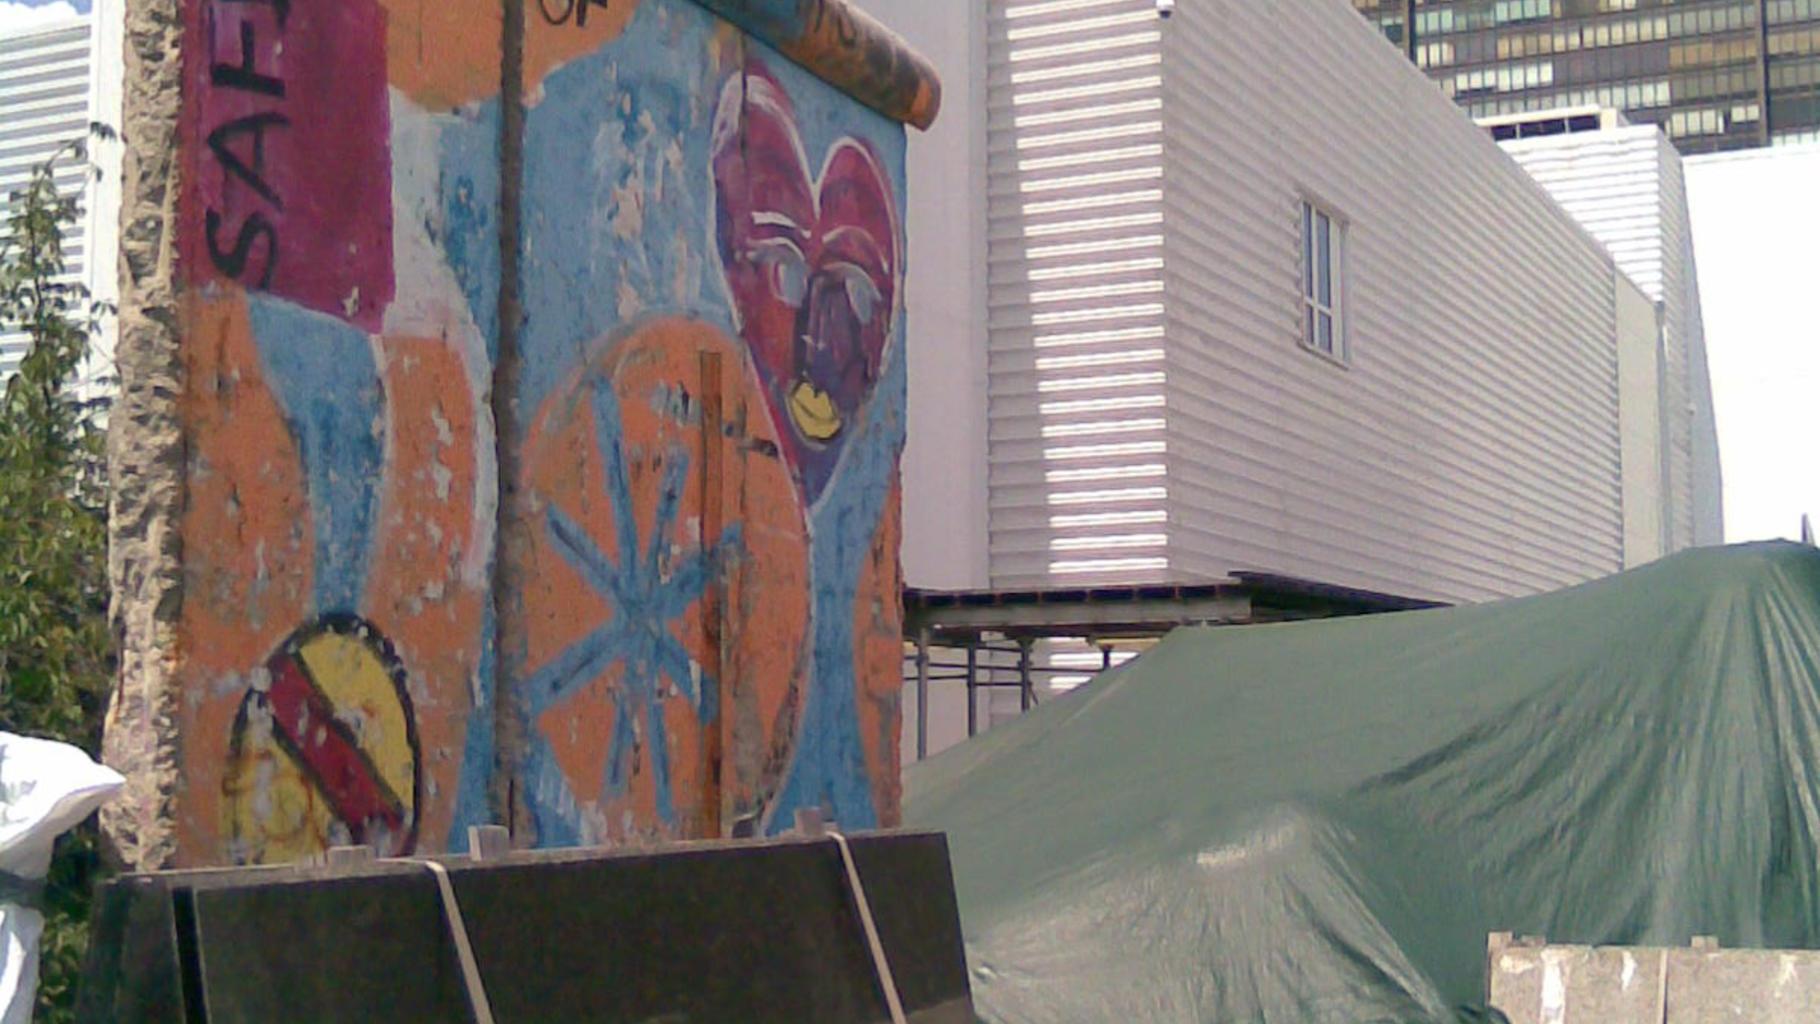 Fragment der Berliner Mauer inmitten der UN-Baustelle. © Robert Lindner